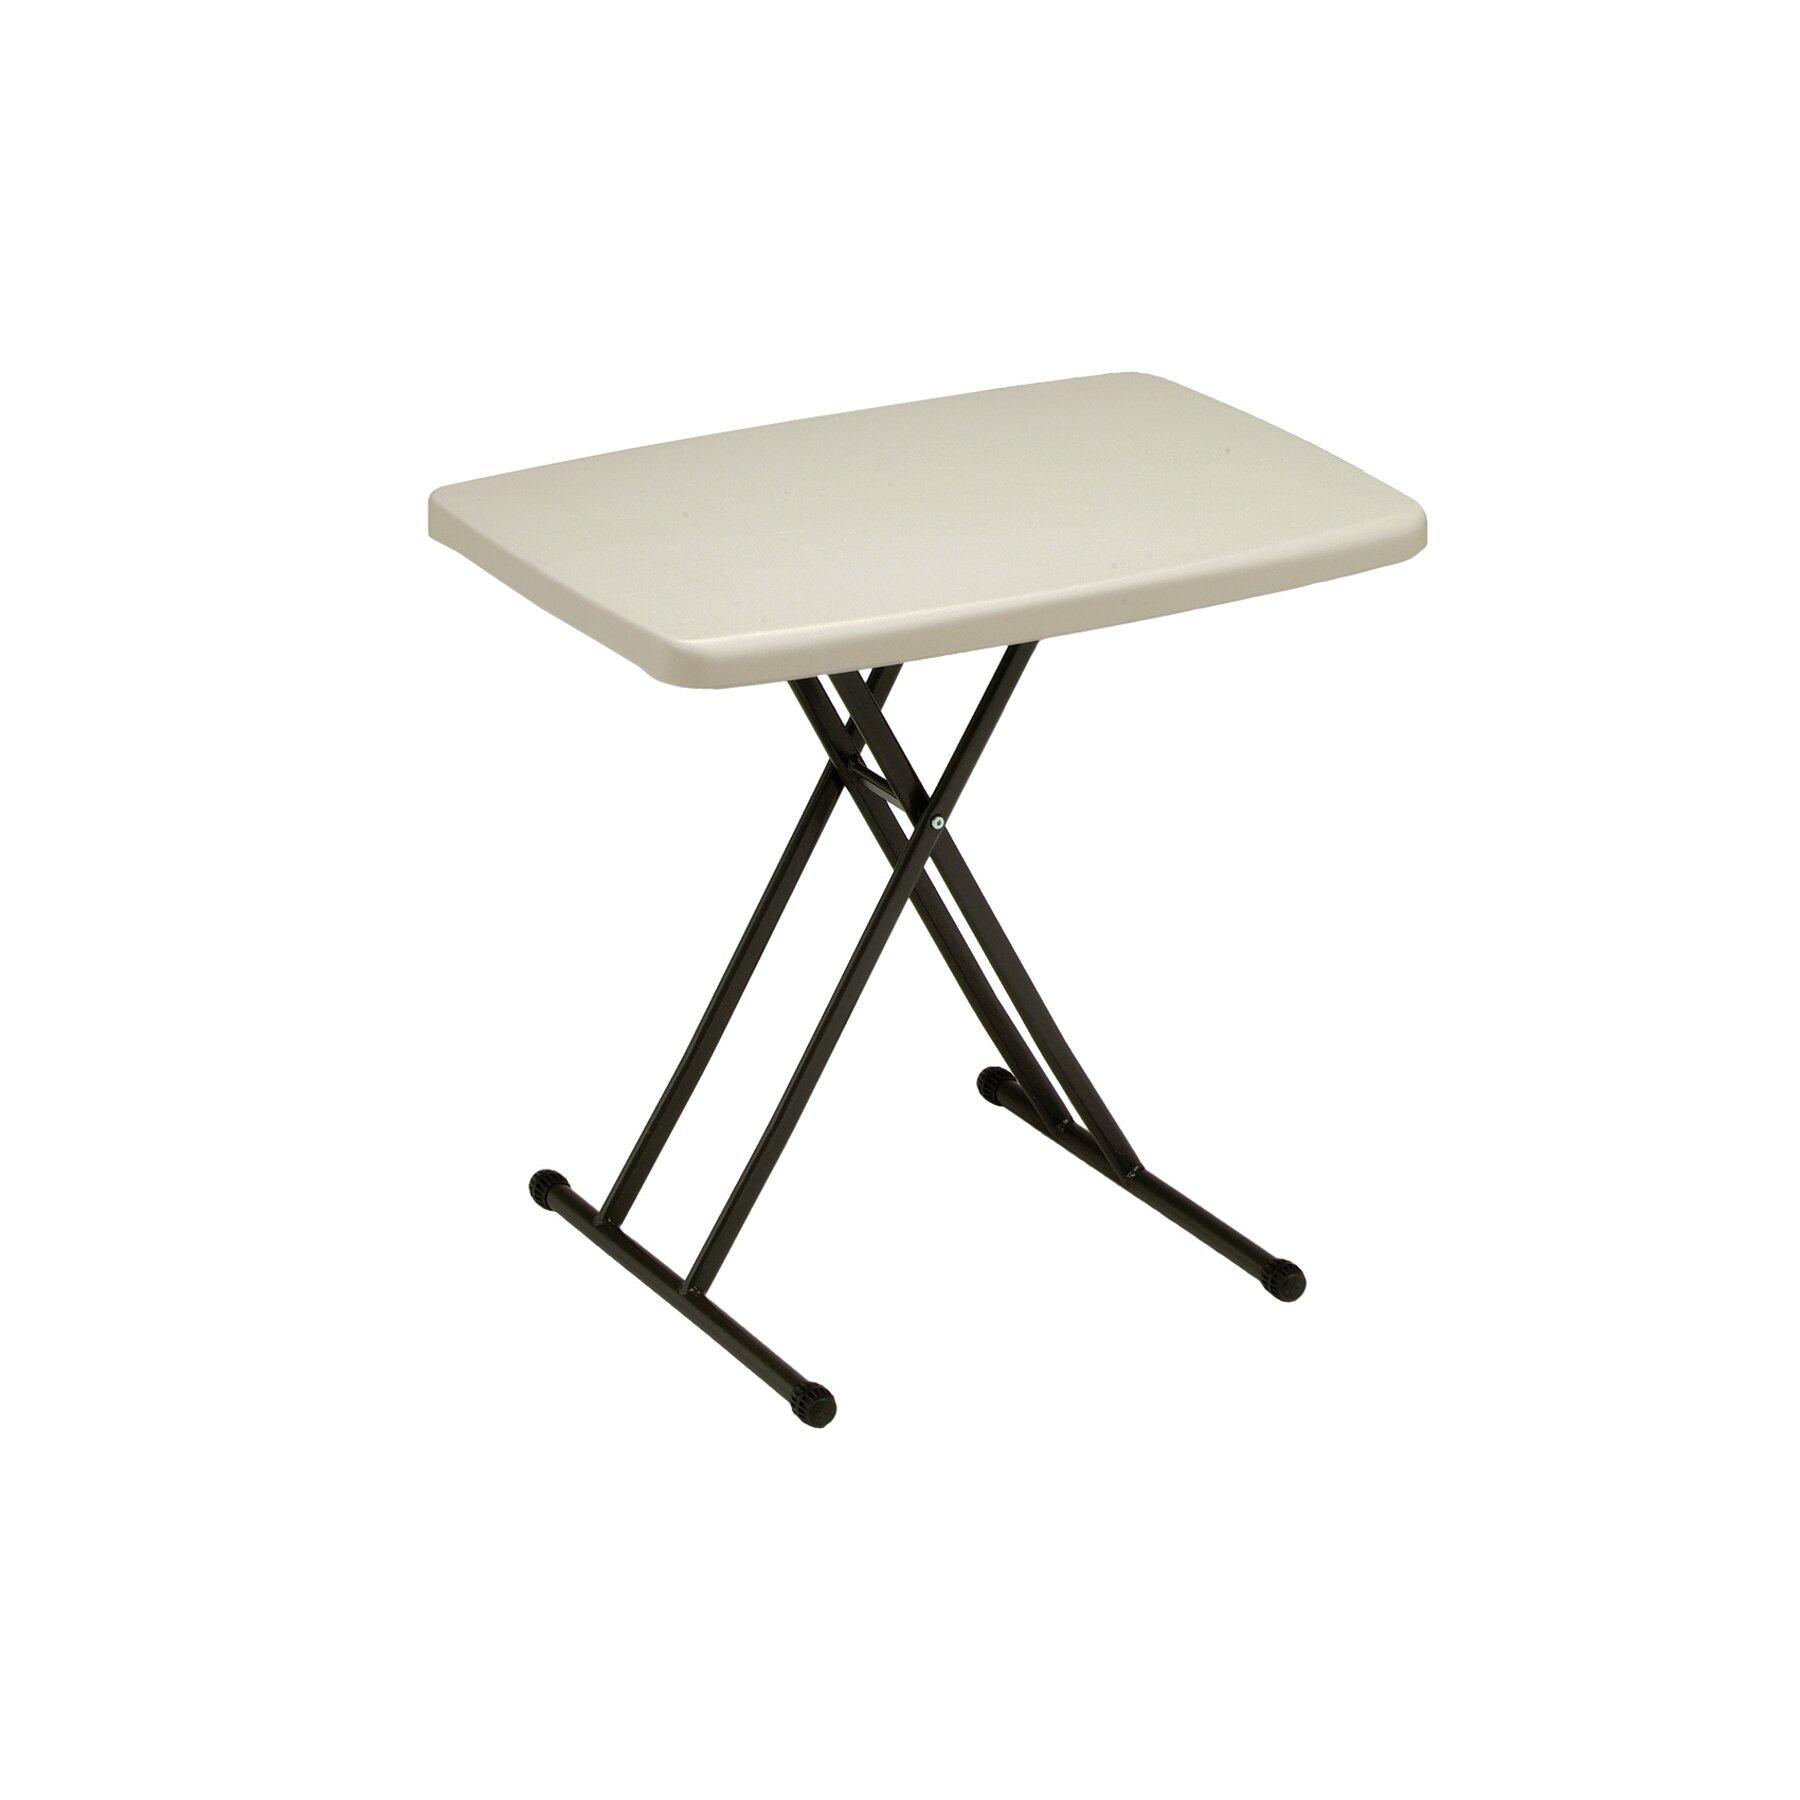 Meco 30 Quot Rectangular Folding Table Amp Reviews Wayfair